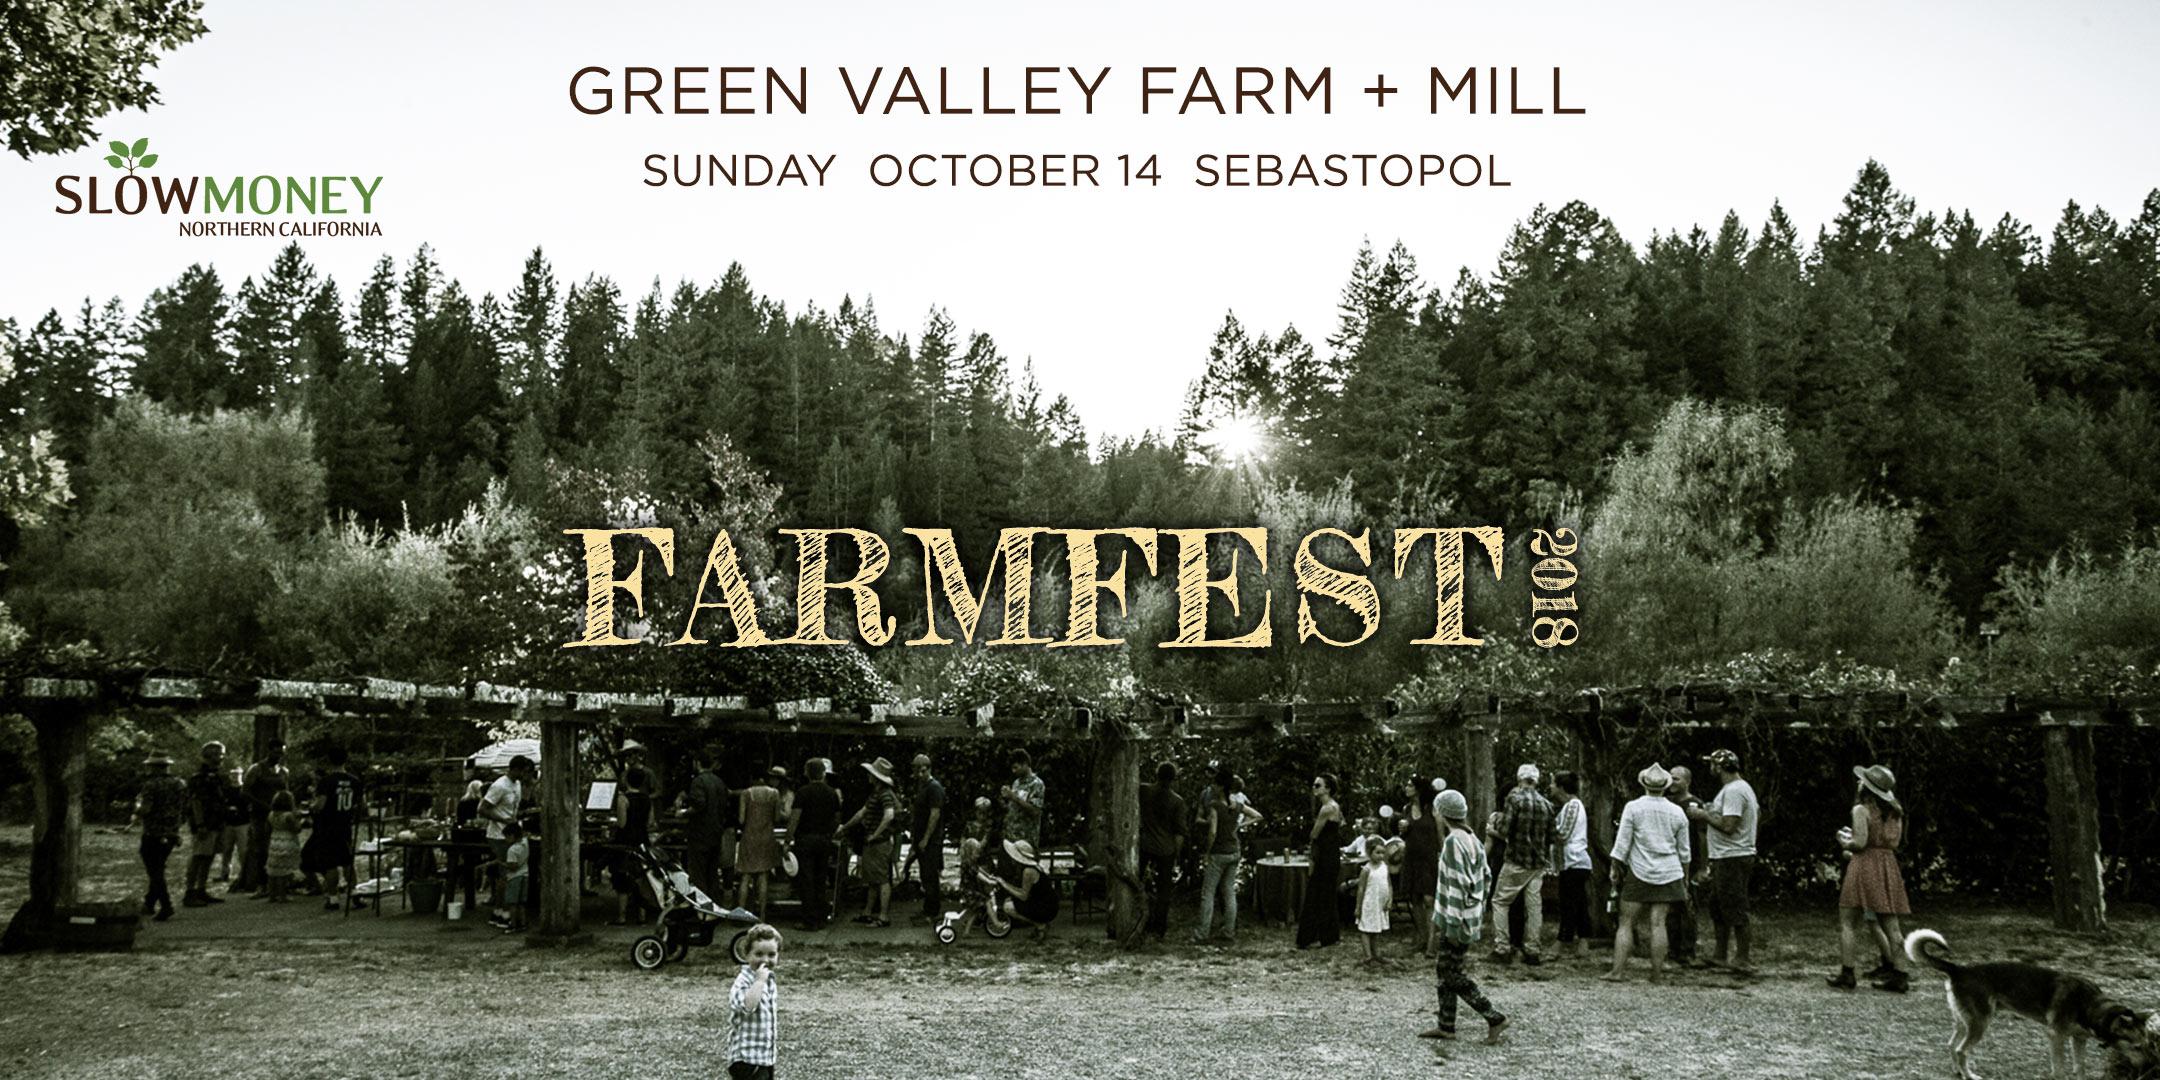 Community at Green Valley Farm + Mill